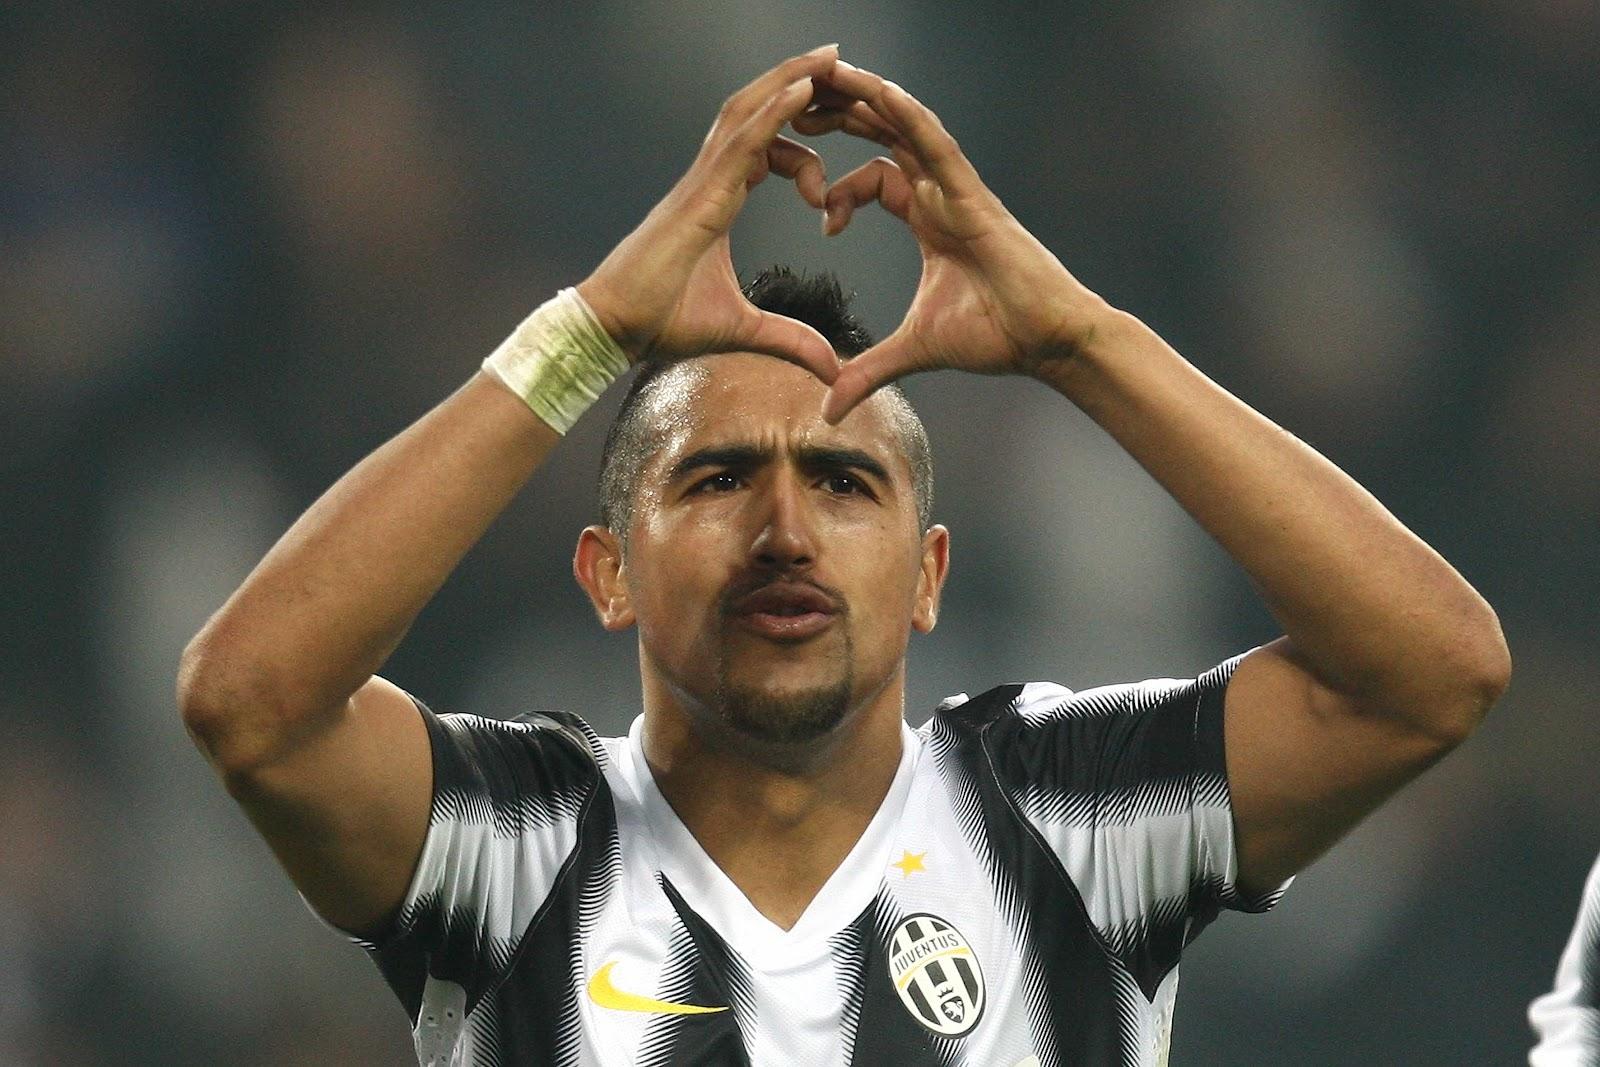 Vidal con su famosa celebración de los goles (Foto: www.91minutos.com)